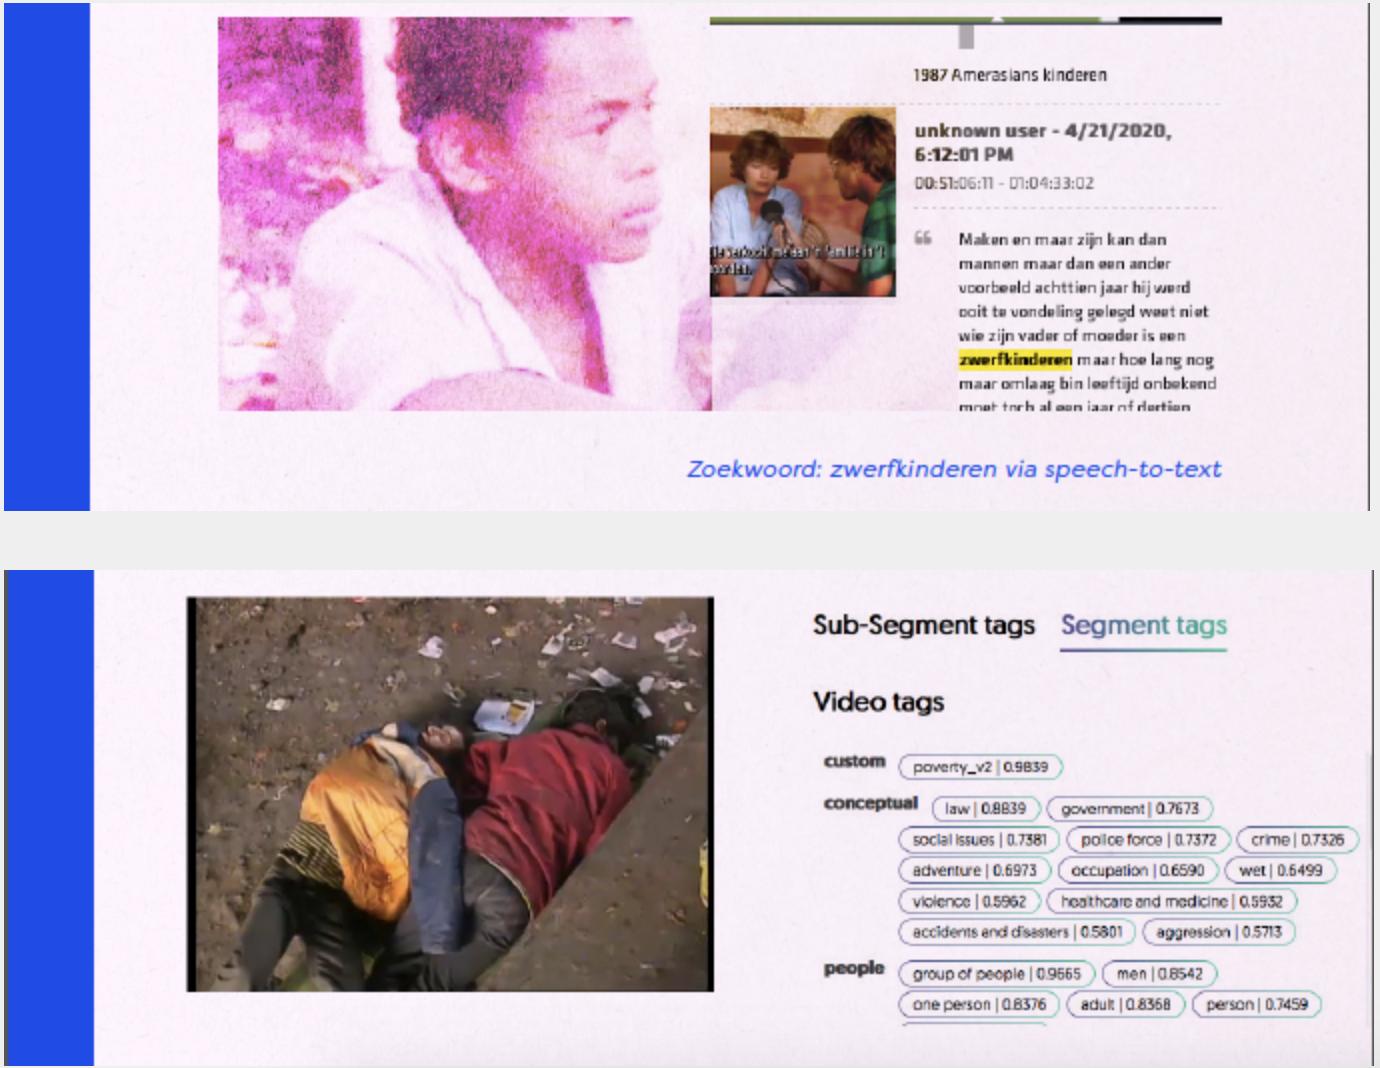 Het speech-to-text algoritme herkent boven het woord zwerfkinderen in de audio en Computer vision herkent het abstracte concept armoede in beeld